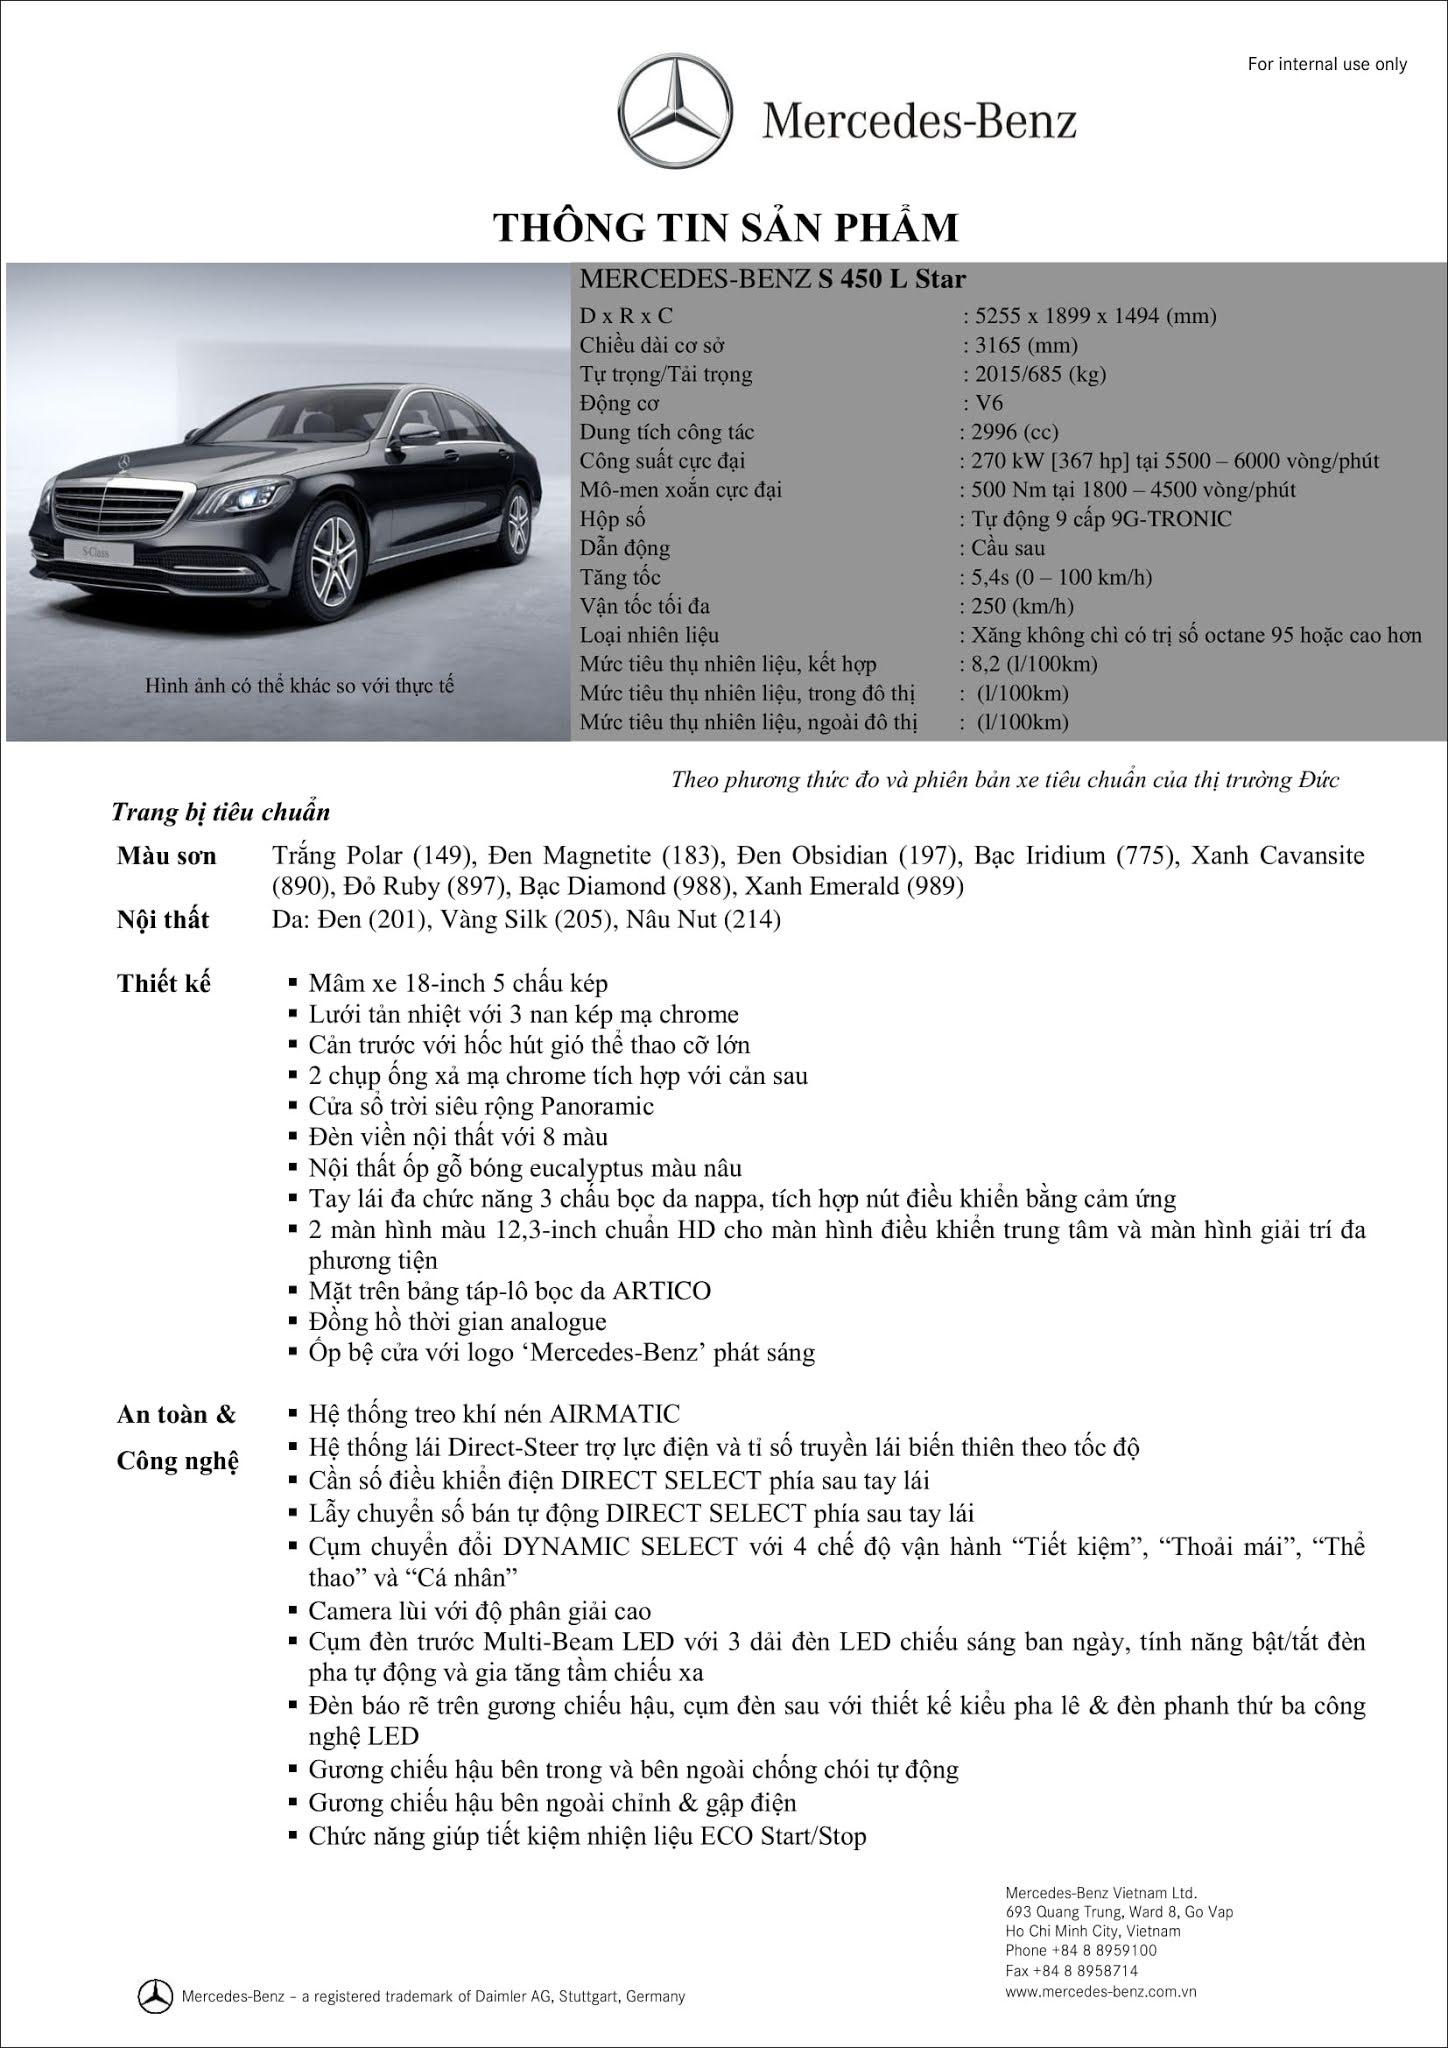 Bảng thông số kỹ thuật Mercedes S450 L Star 2019